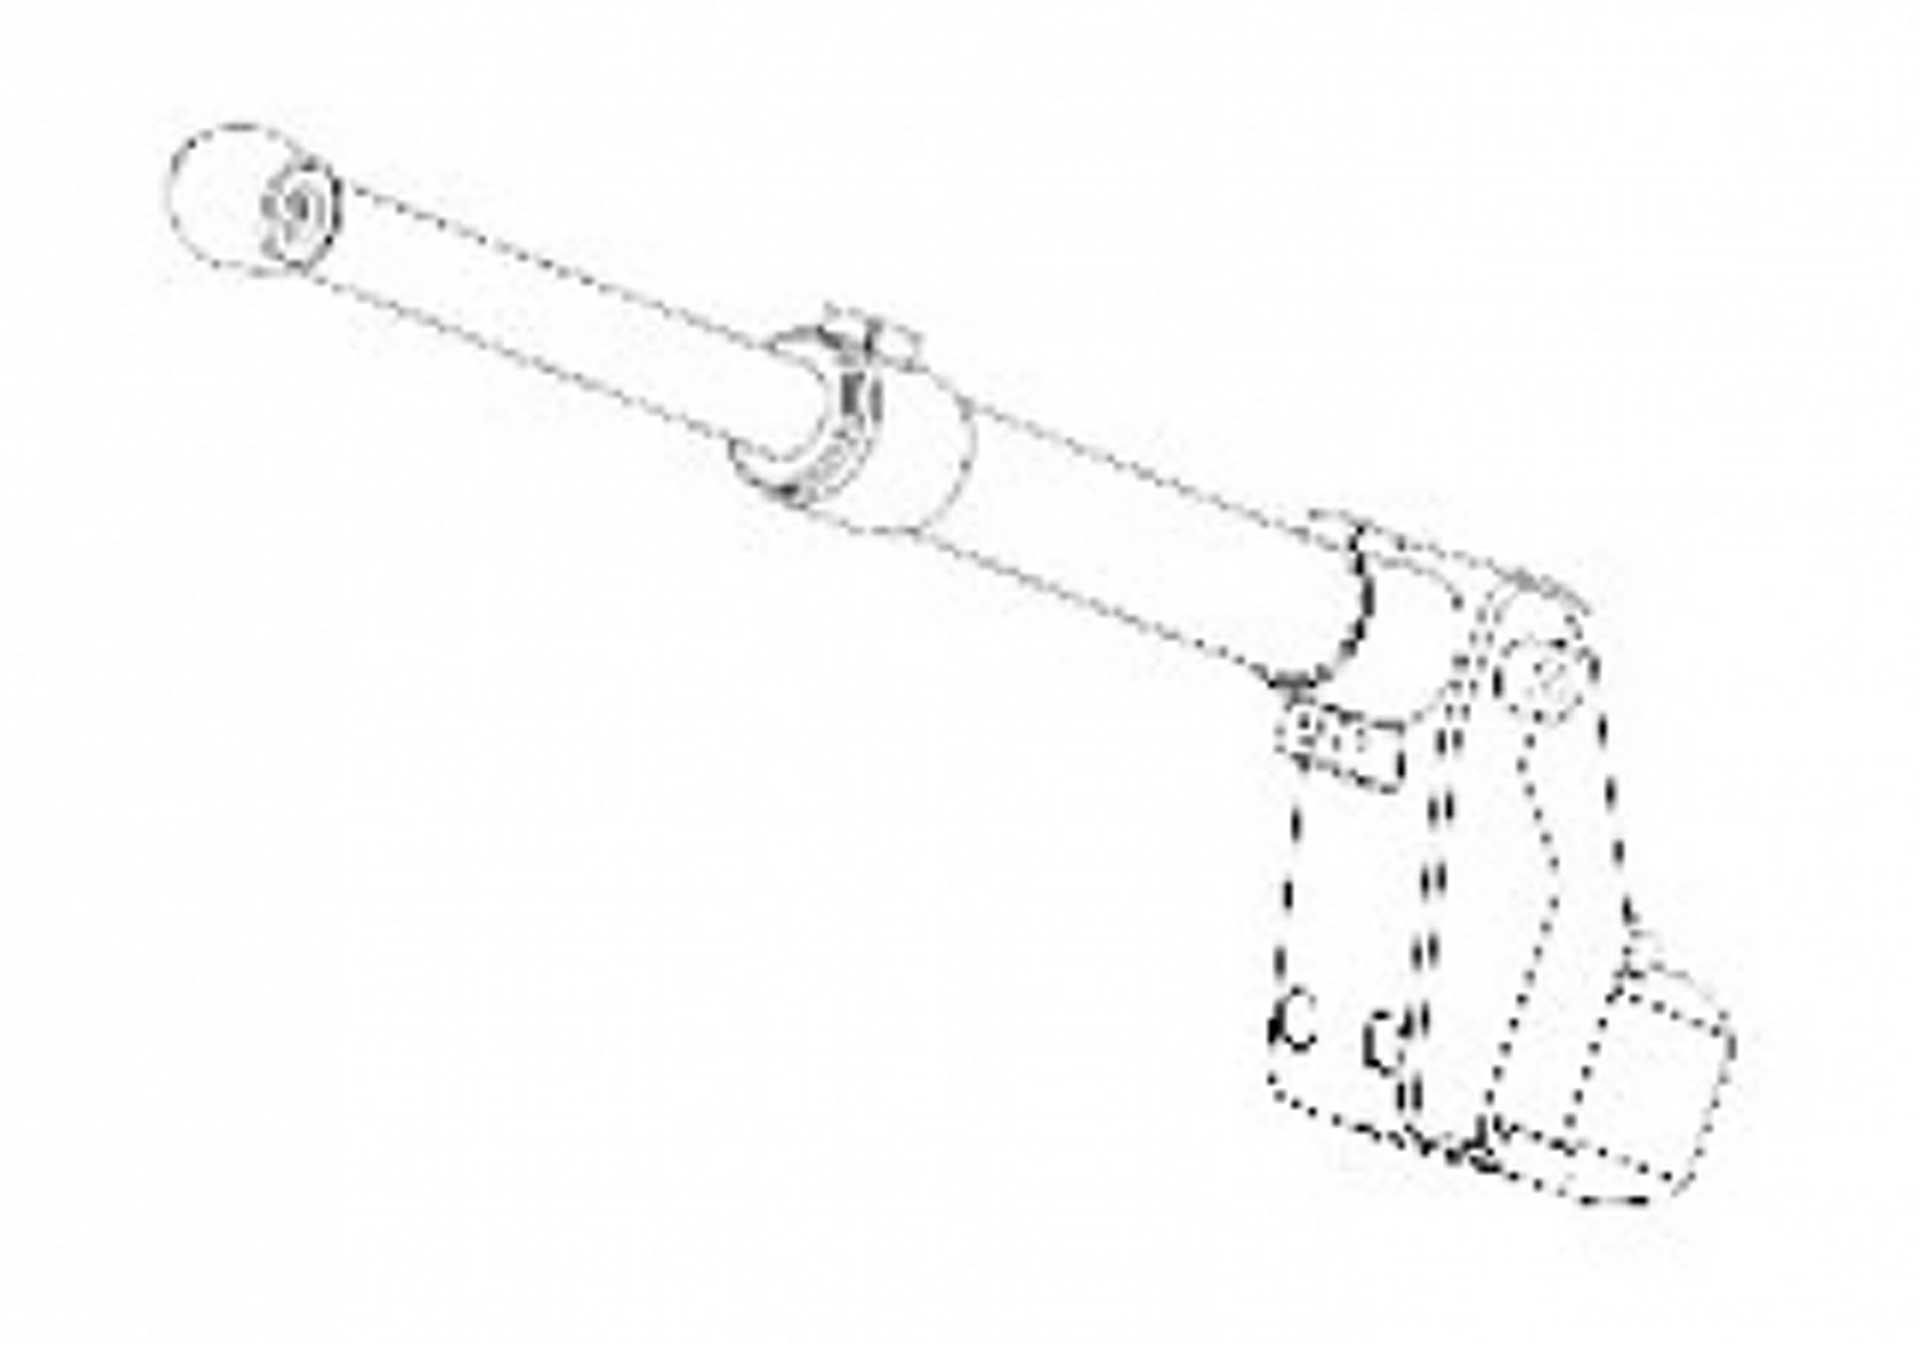 FM-ELECTRICS Ersatz Spindelantrieb (ohne Funktion) für FM1680